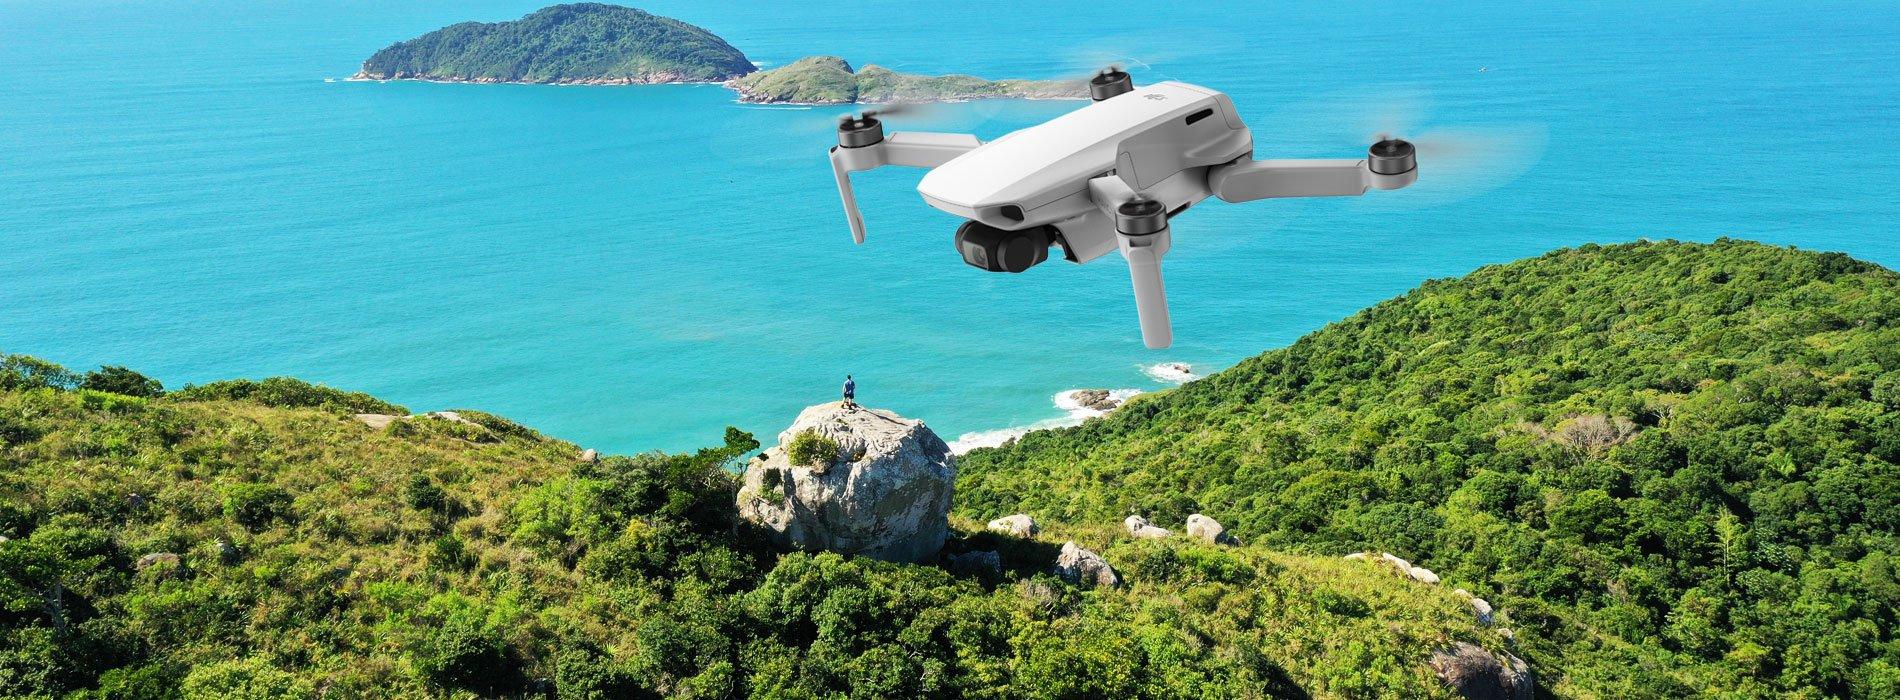 Os melhores DRONES de 2019 - Veja nossos preferidos antes de comprar o seu